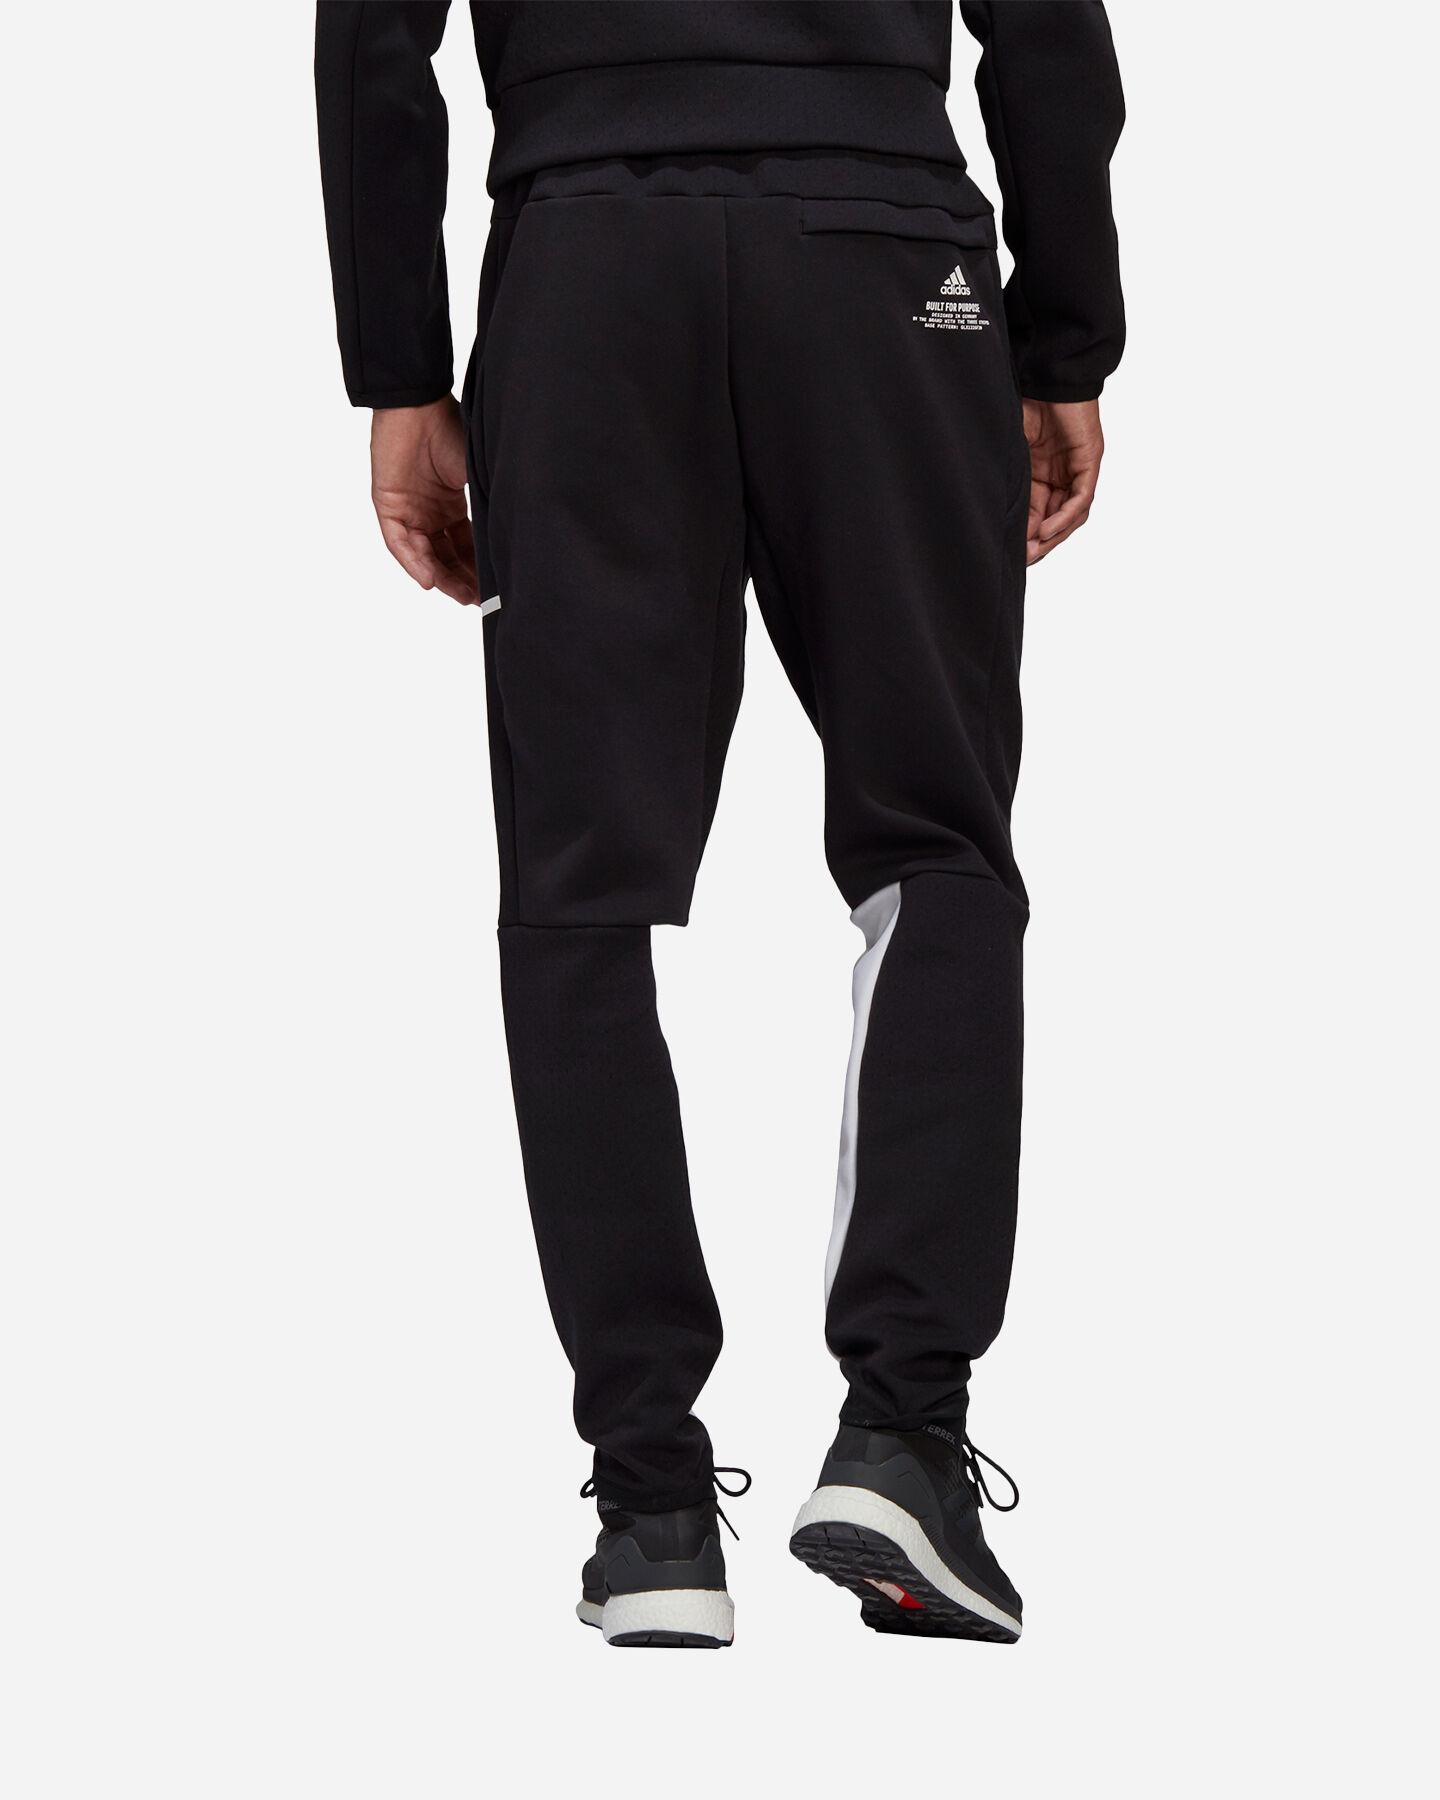 Pantalone ADIDAS ZONE M S5228115 scatto 4